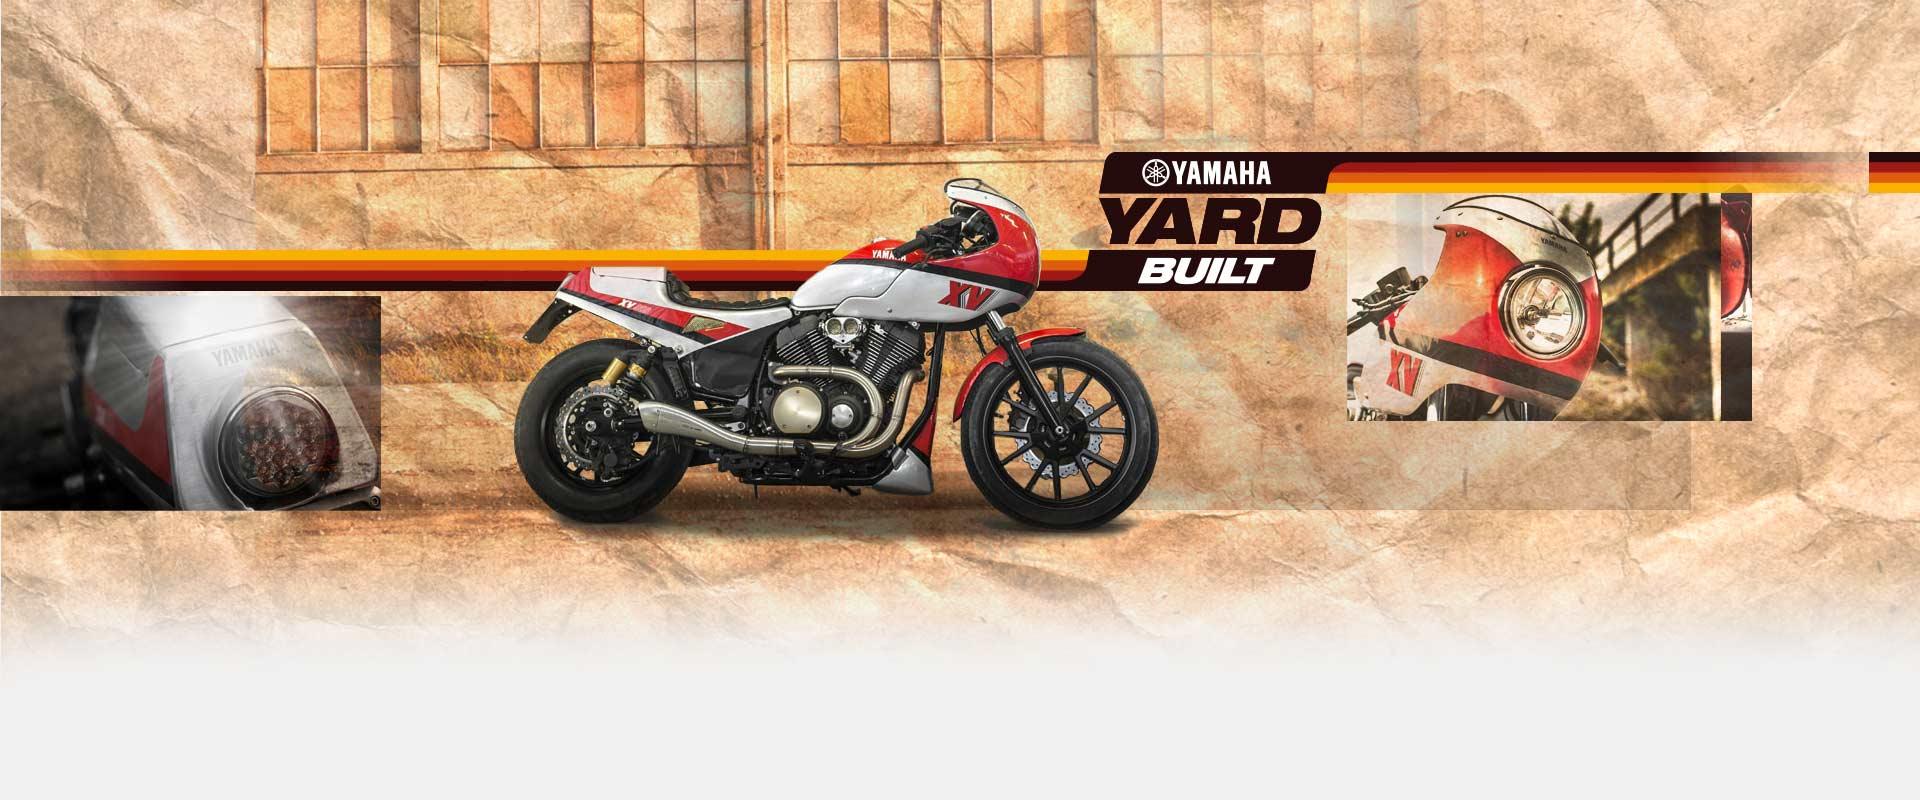 Préparation Yamaha XV 950 BOLT Yard built Yamaha